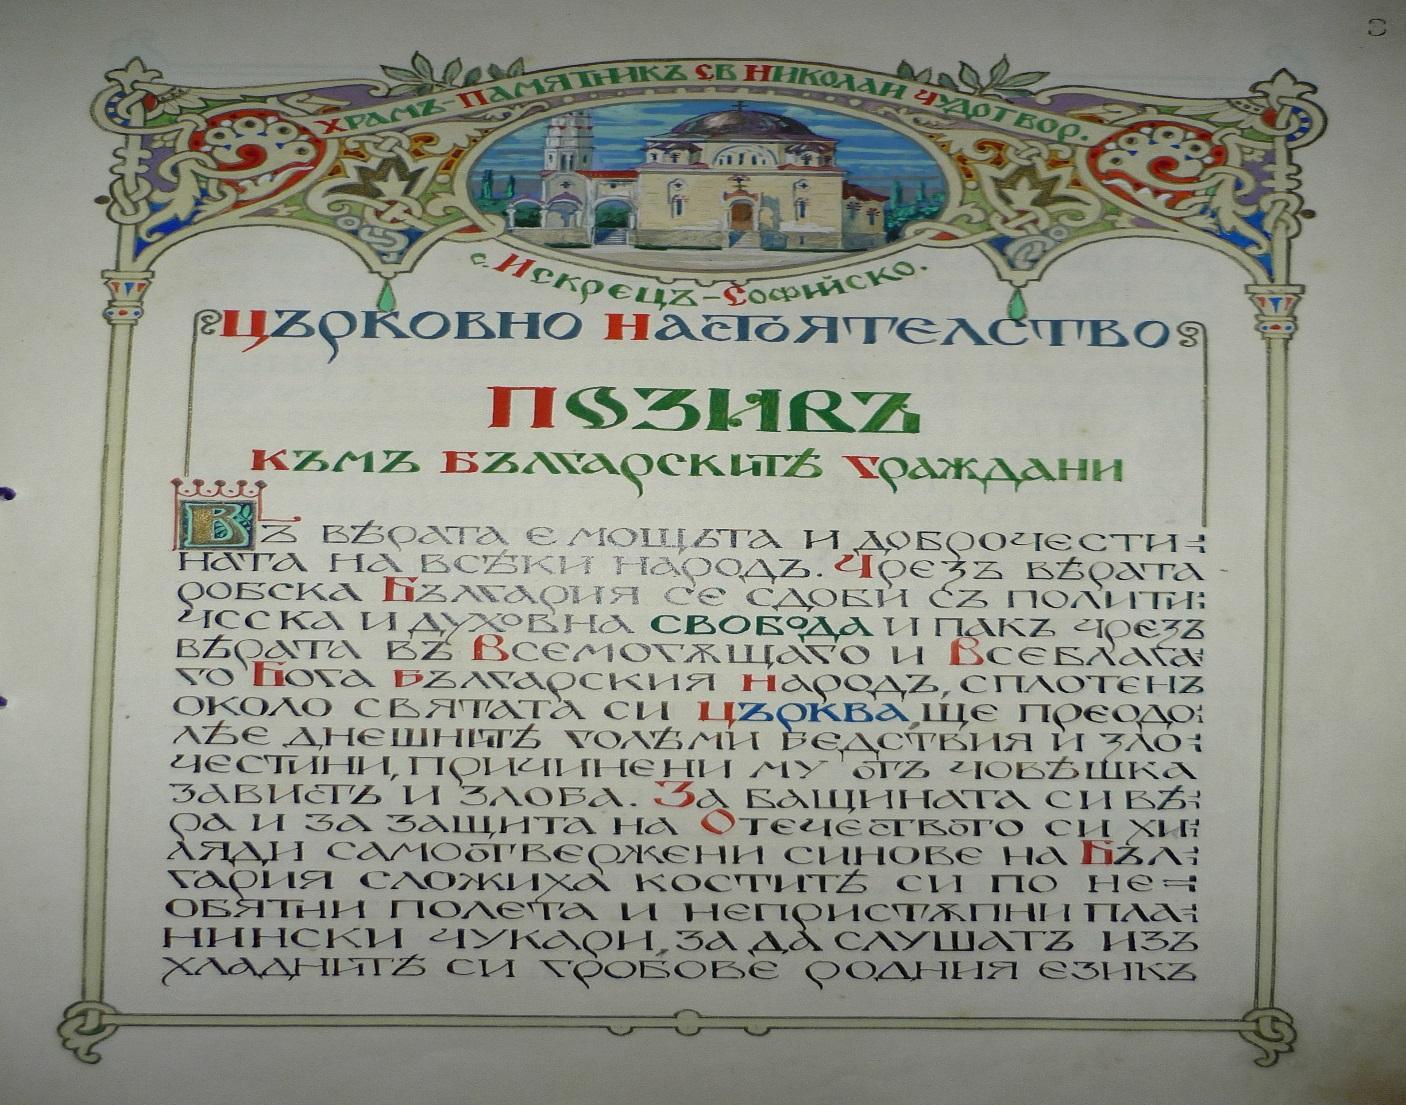 Първата страница от обръщението на Църковното настоятелство към родолюбивите български граждани. Факсимилето се публикува за пръв път.